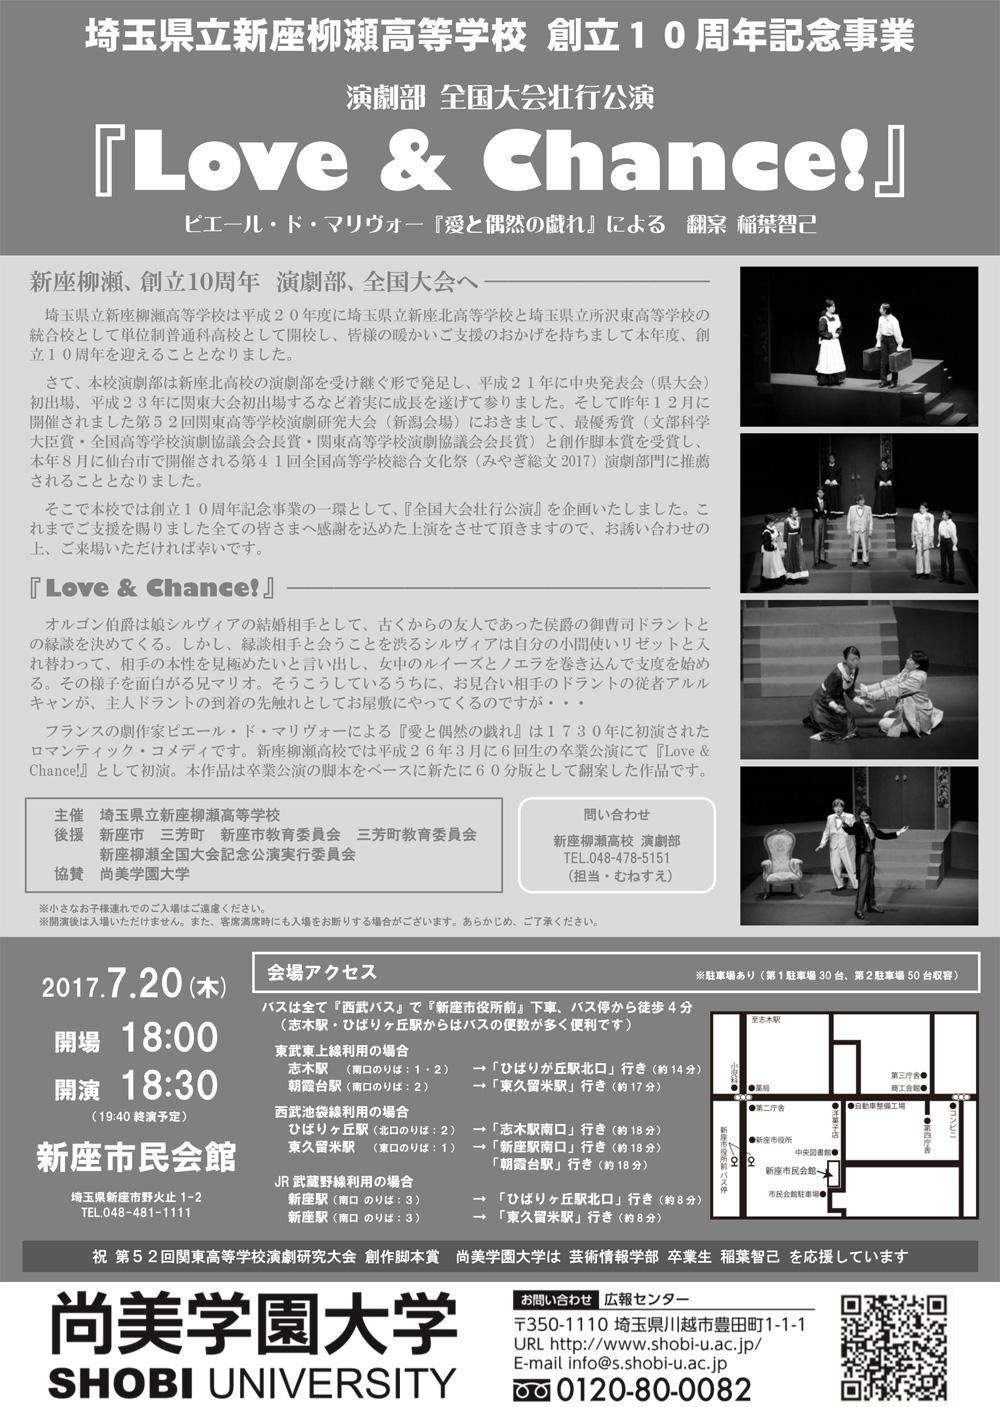 新座柳瀬全国大会壮行公演